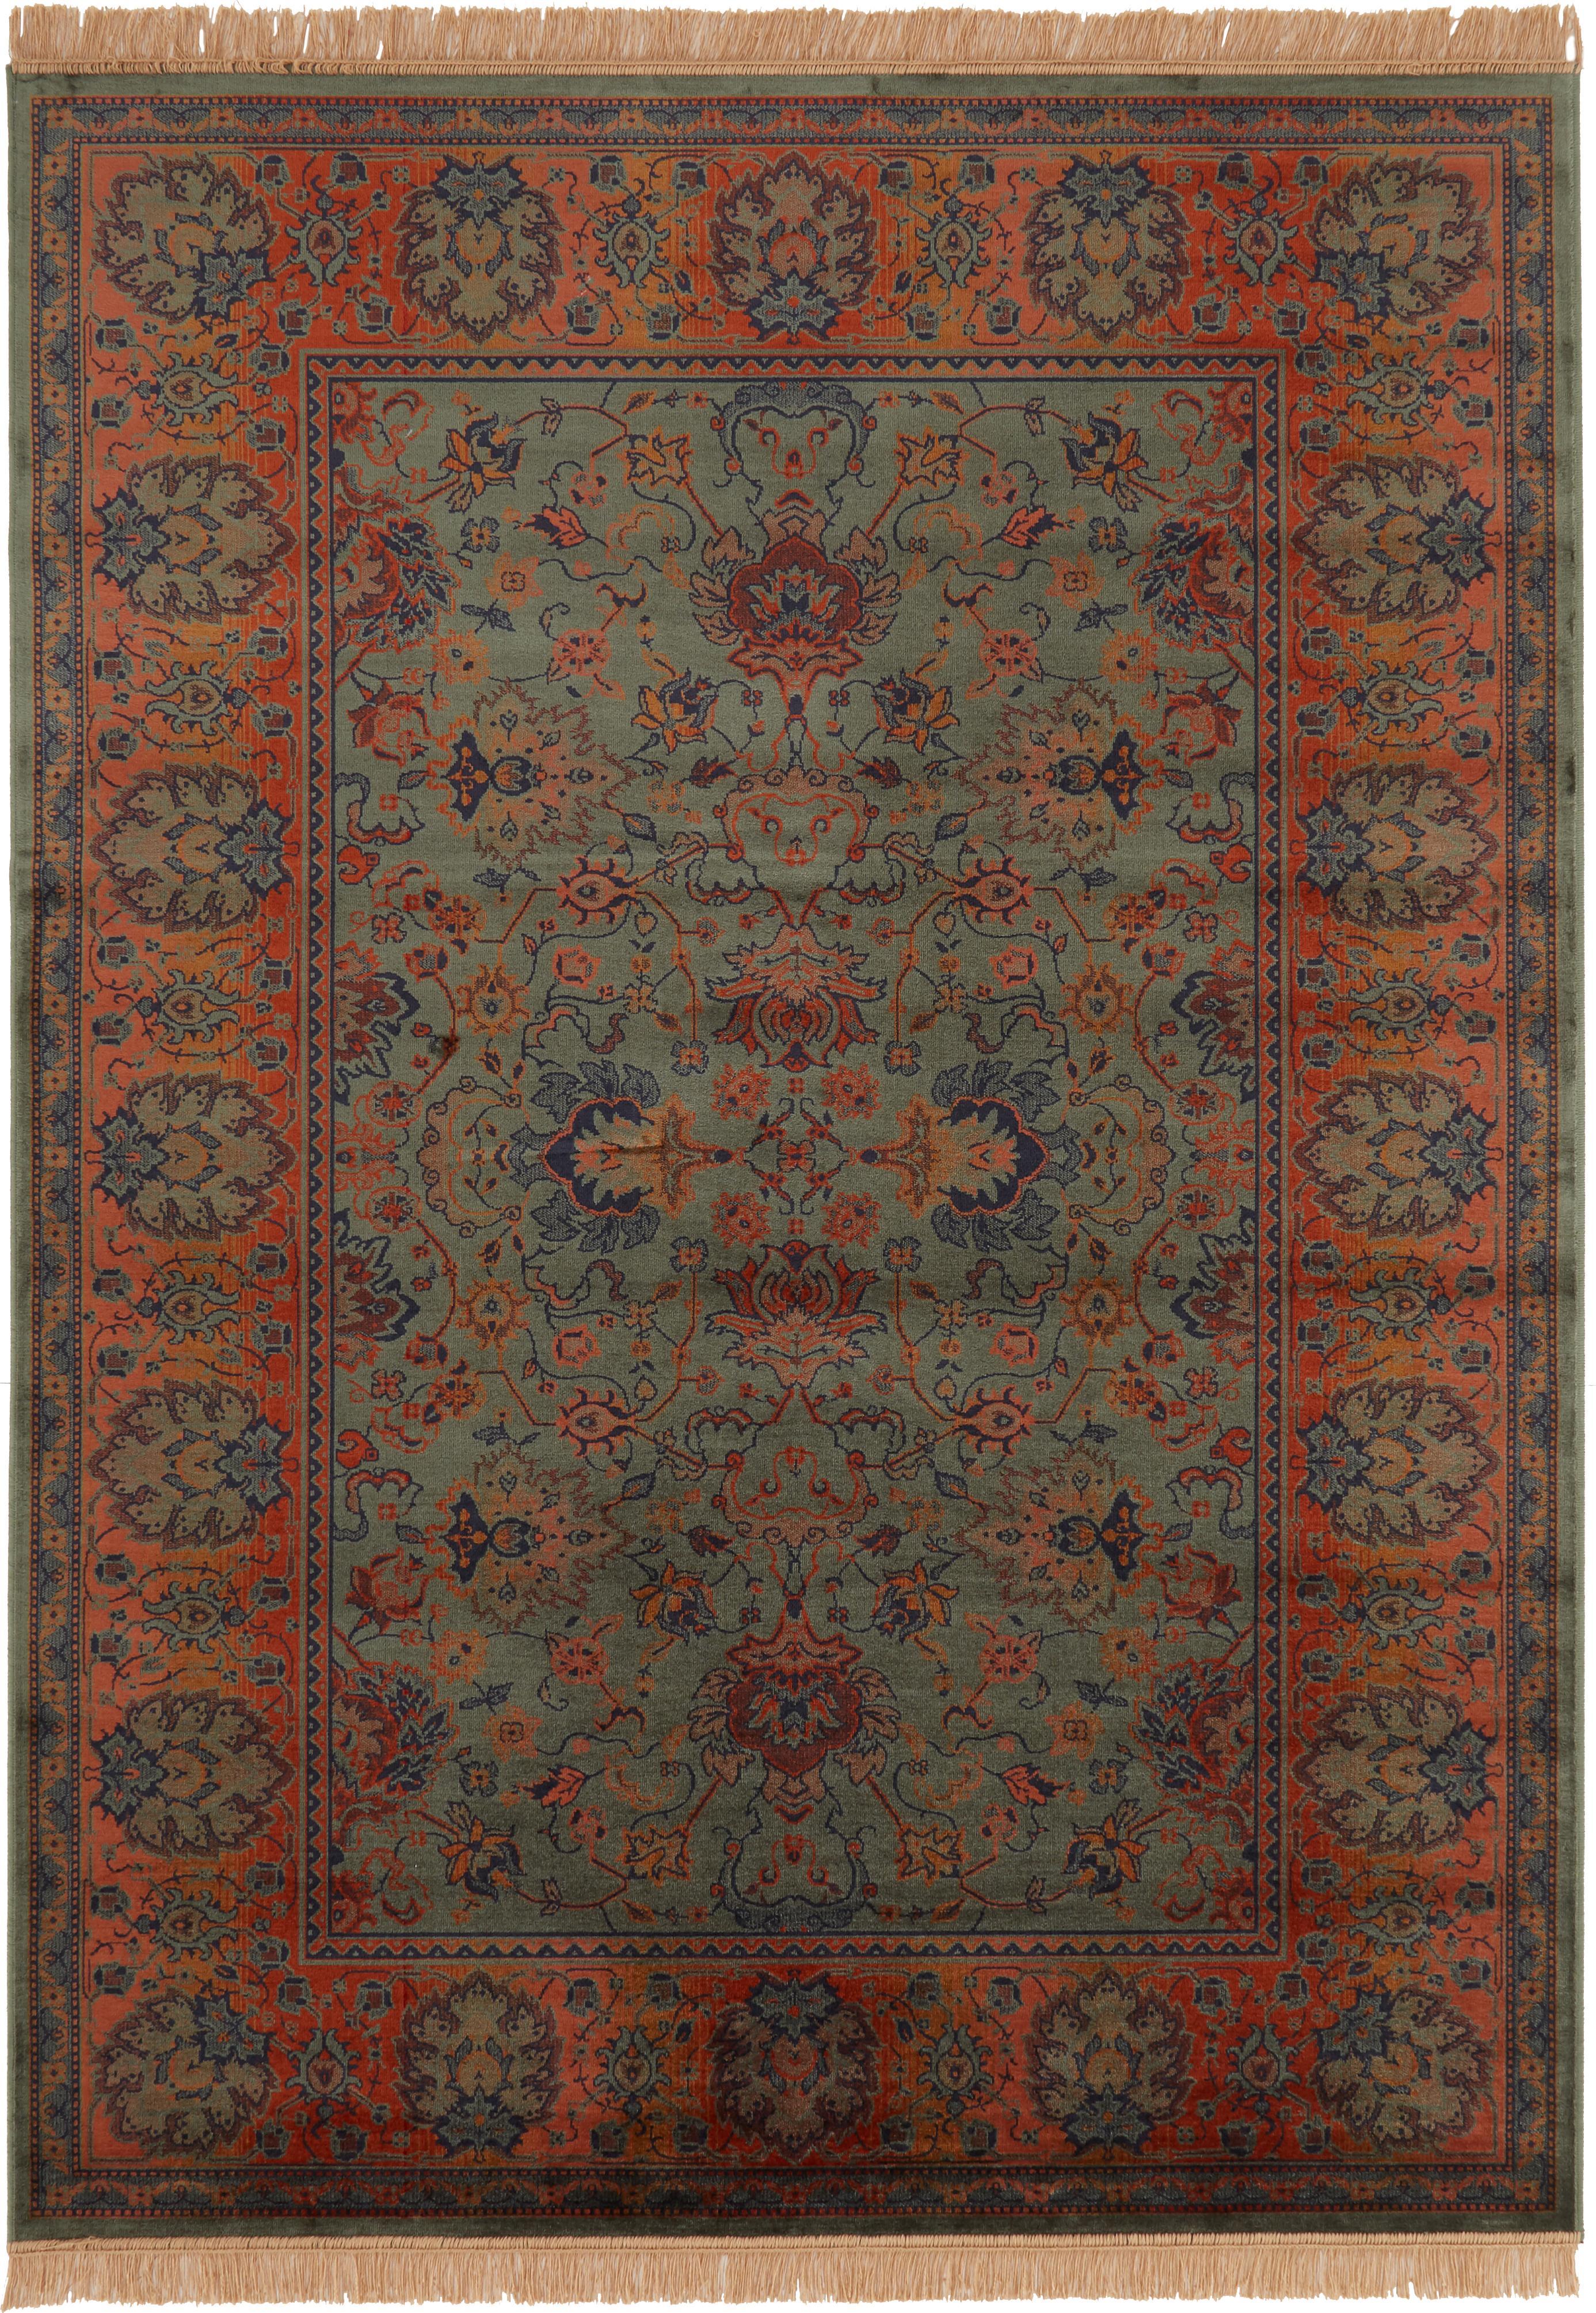 Dywan Bid, Odcienie zielonego, odcienie czerwonego, niebieski, beżowy, S 170 x D 240 cm (Rozmiar M)